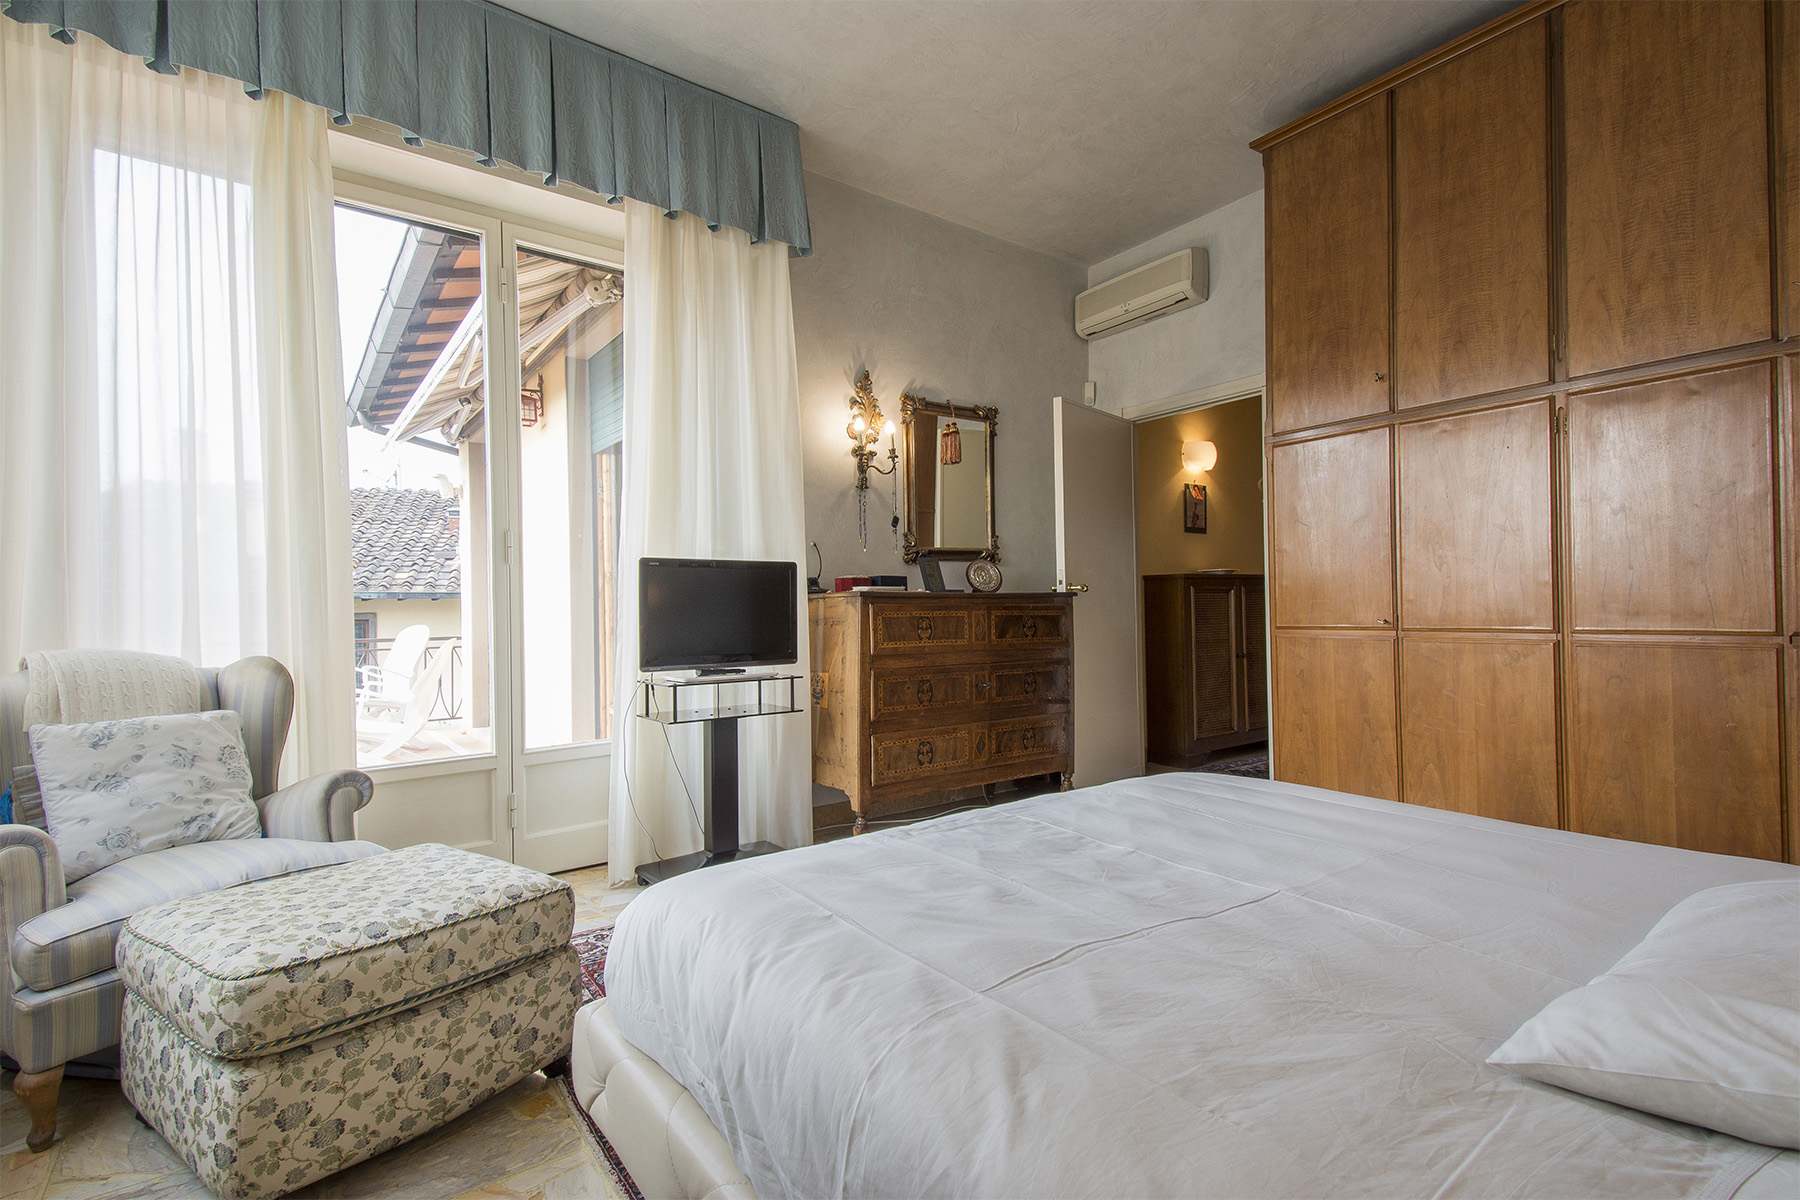 Villa in Vendita a Firenze: 5 locali, 364 mq - Foto 17